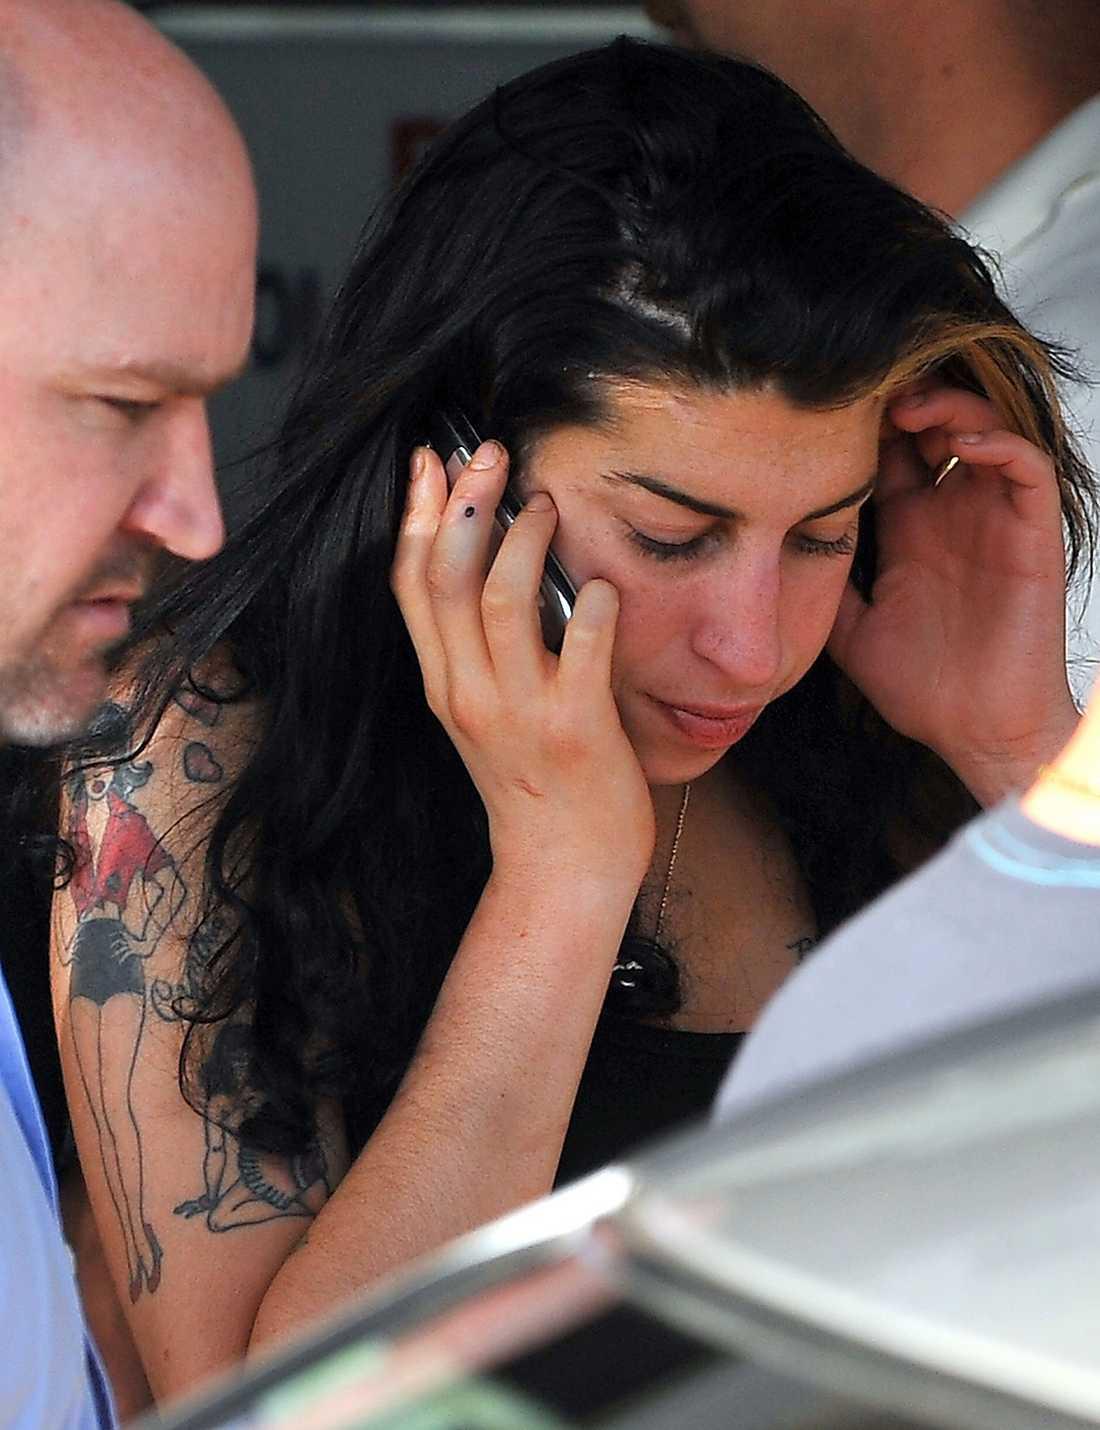 Amy Winehouse anländer till Belgrad för spelningen som sedan slutar i kaos.